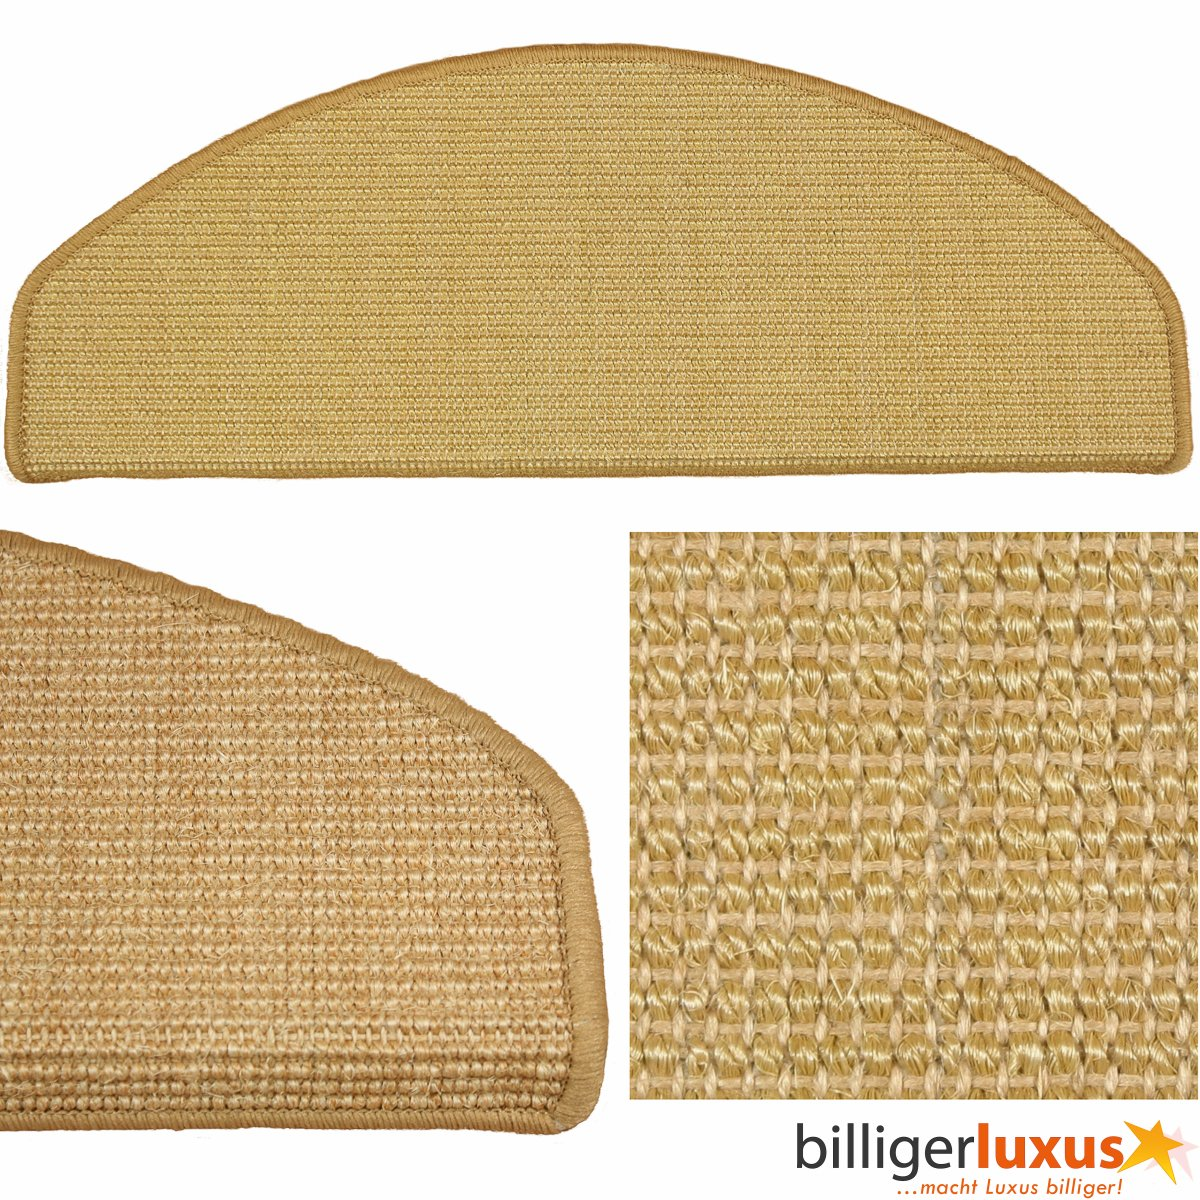 15 x teppich stufenmatten treppenstufen 100 sisal natur kundenbewertung und beschreibung. Black Bedroom Furniture Sets. Home Design Ideas